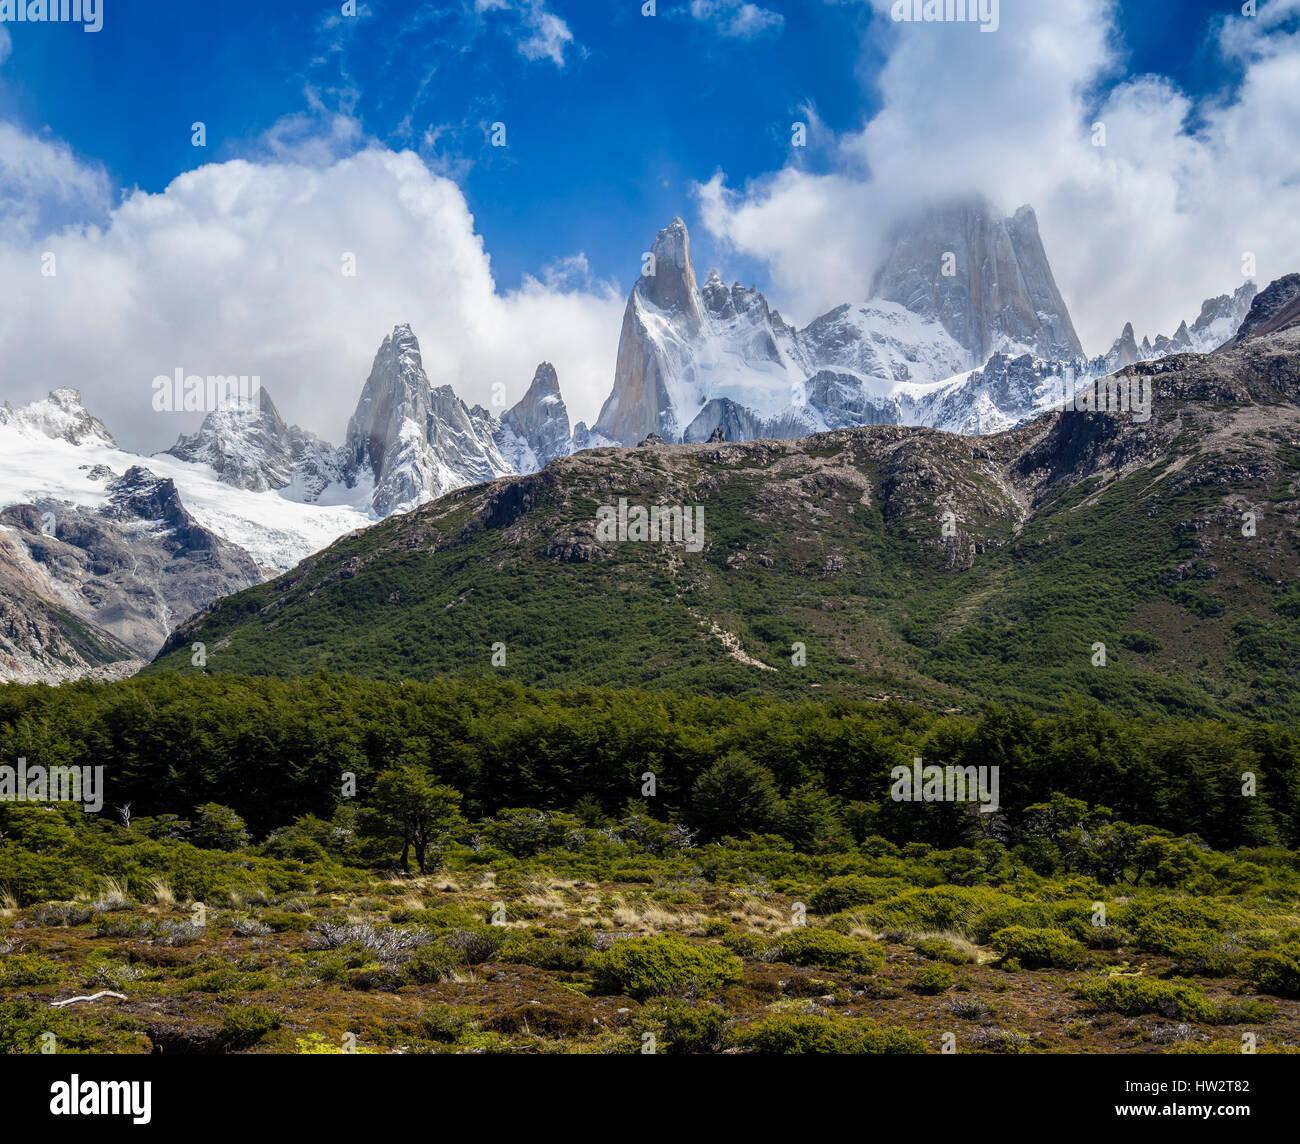 Vue vers célèbre montagne Fitz Roy, le chemin sur la colline au milieu des pistes sur piste raide à Mirador Laguna de los Tres, El Chalten, Los Glaciares Nati Banque D'Images